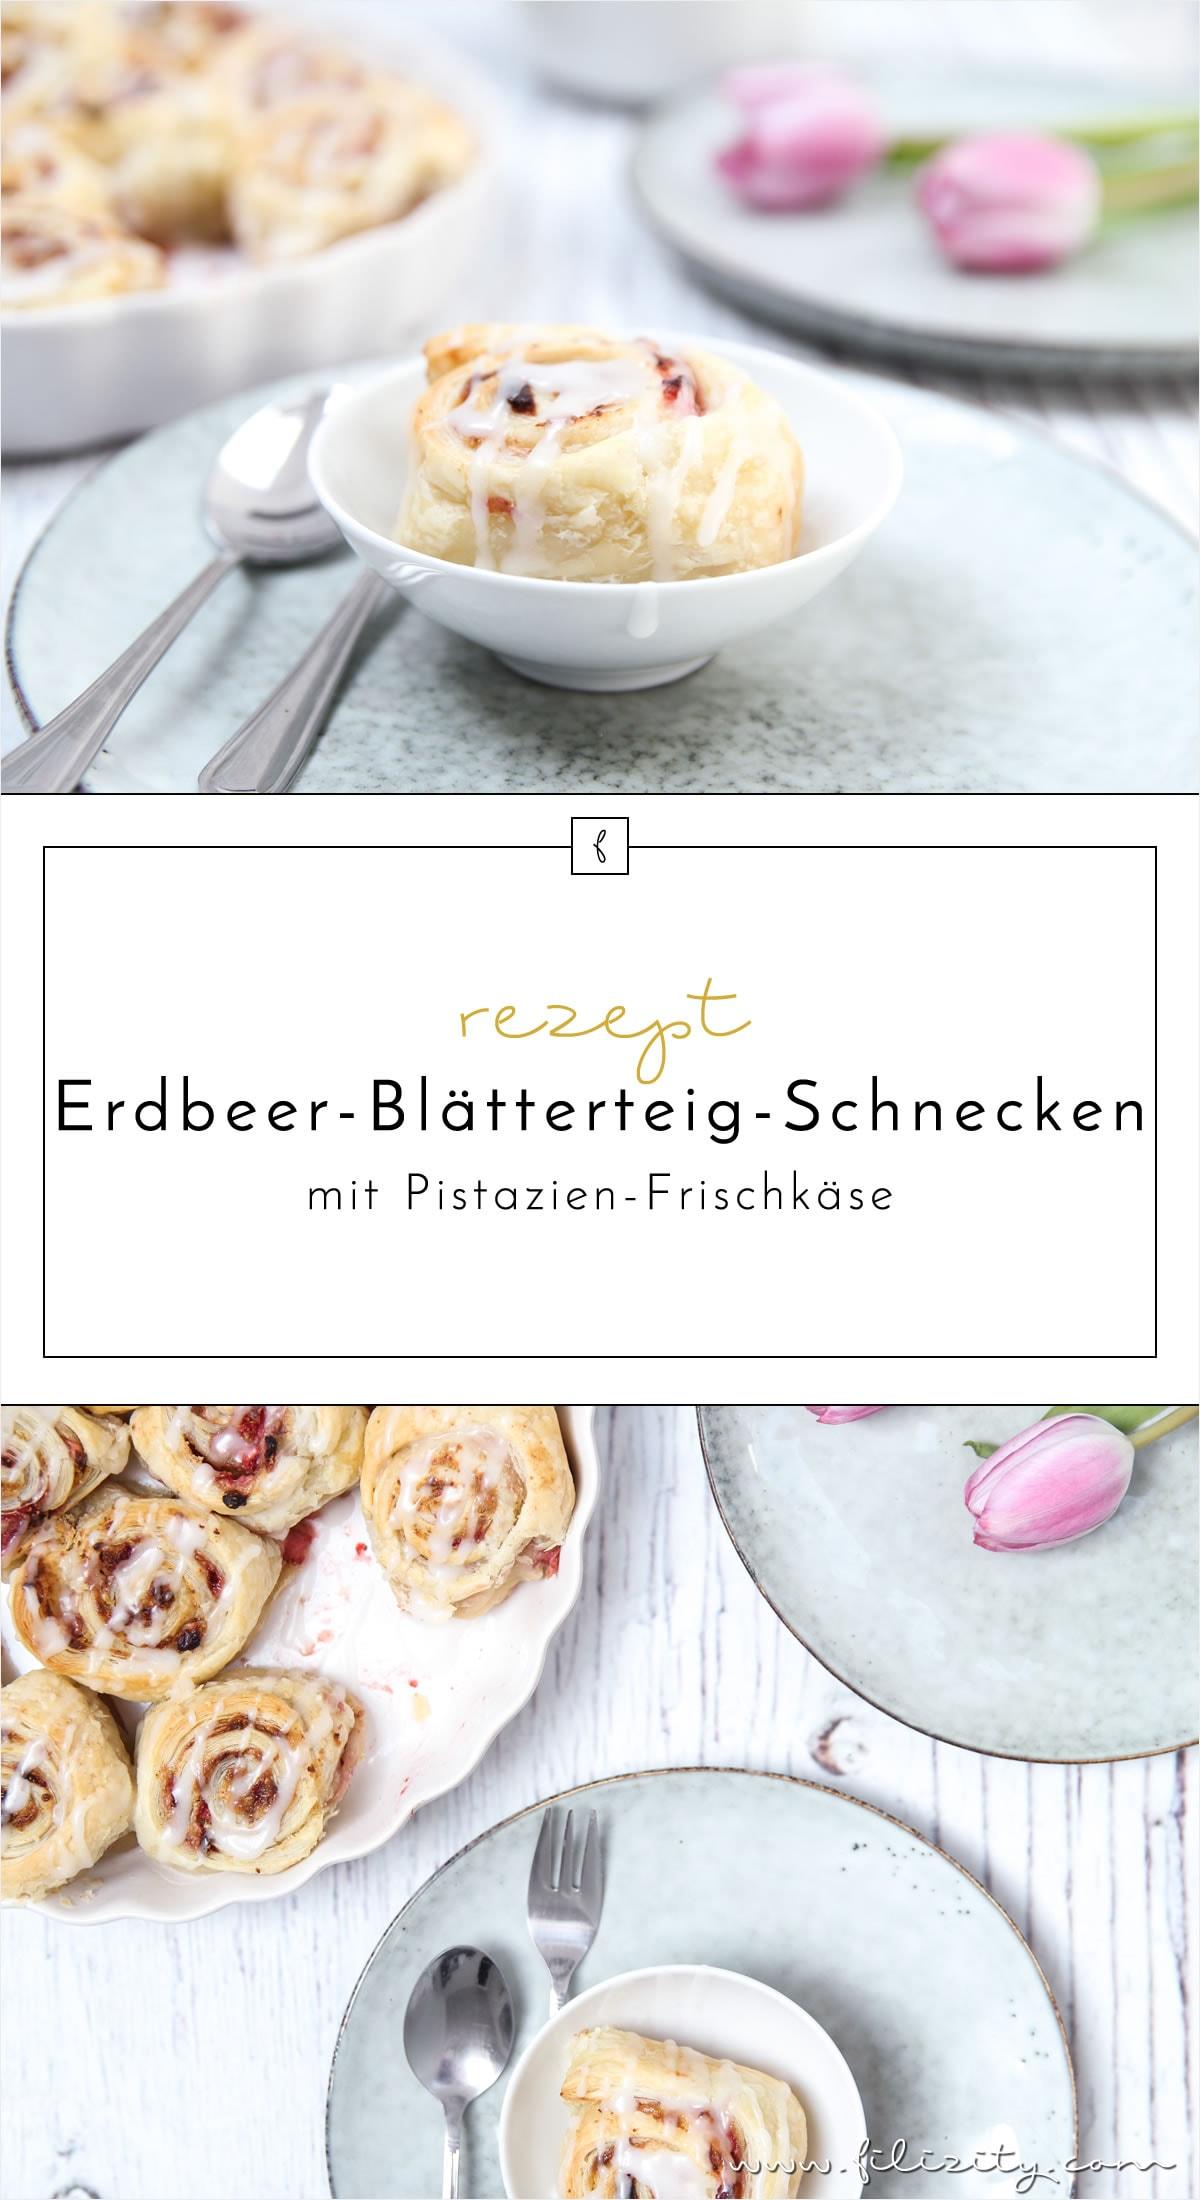 Sommer-Rezept: Erdbeer-Blätterteig-Schnecken mit Pistazien-Frischkäse